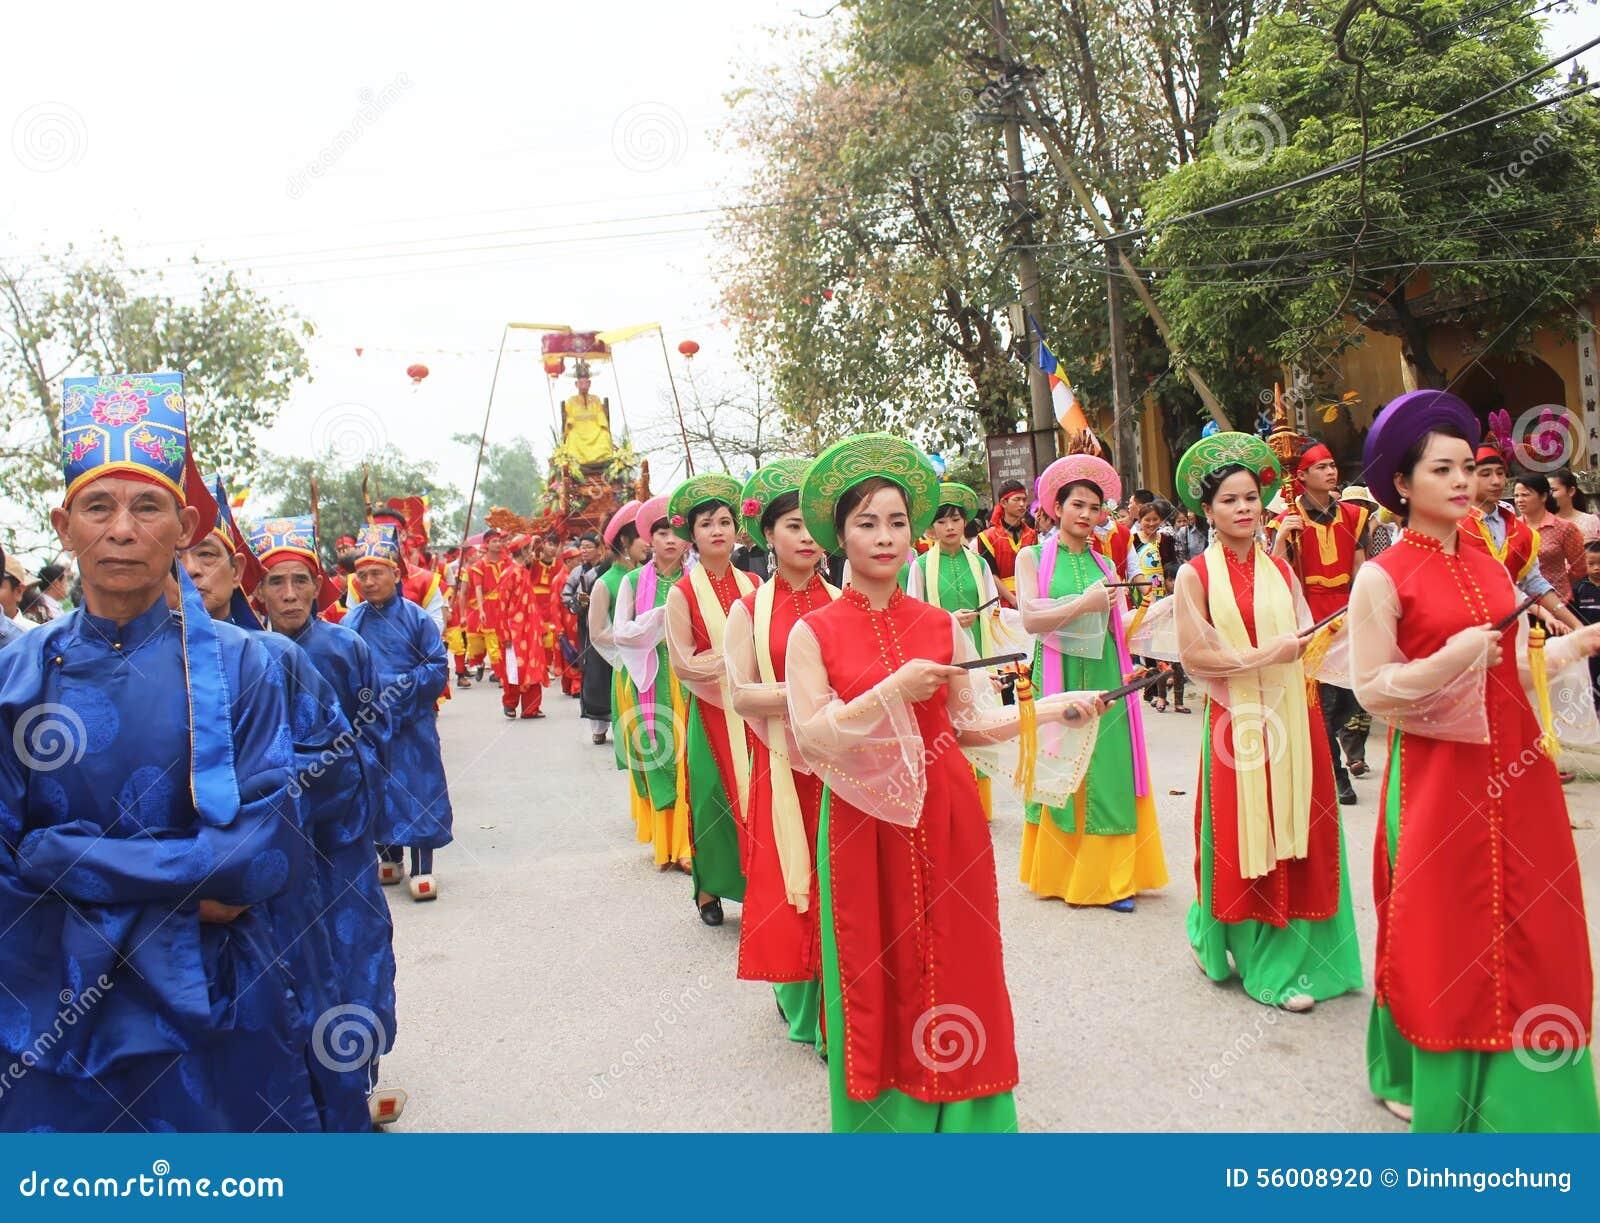 Grupp människor som deltar i traditionella festivaler